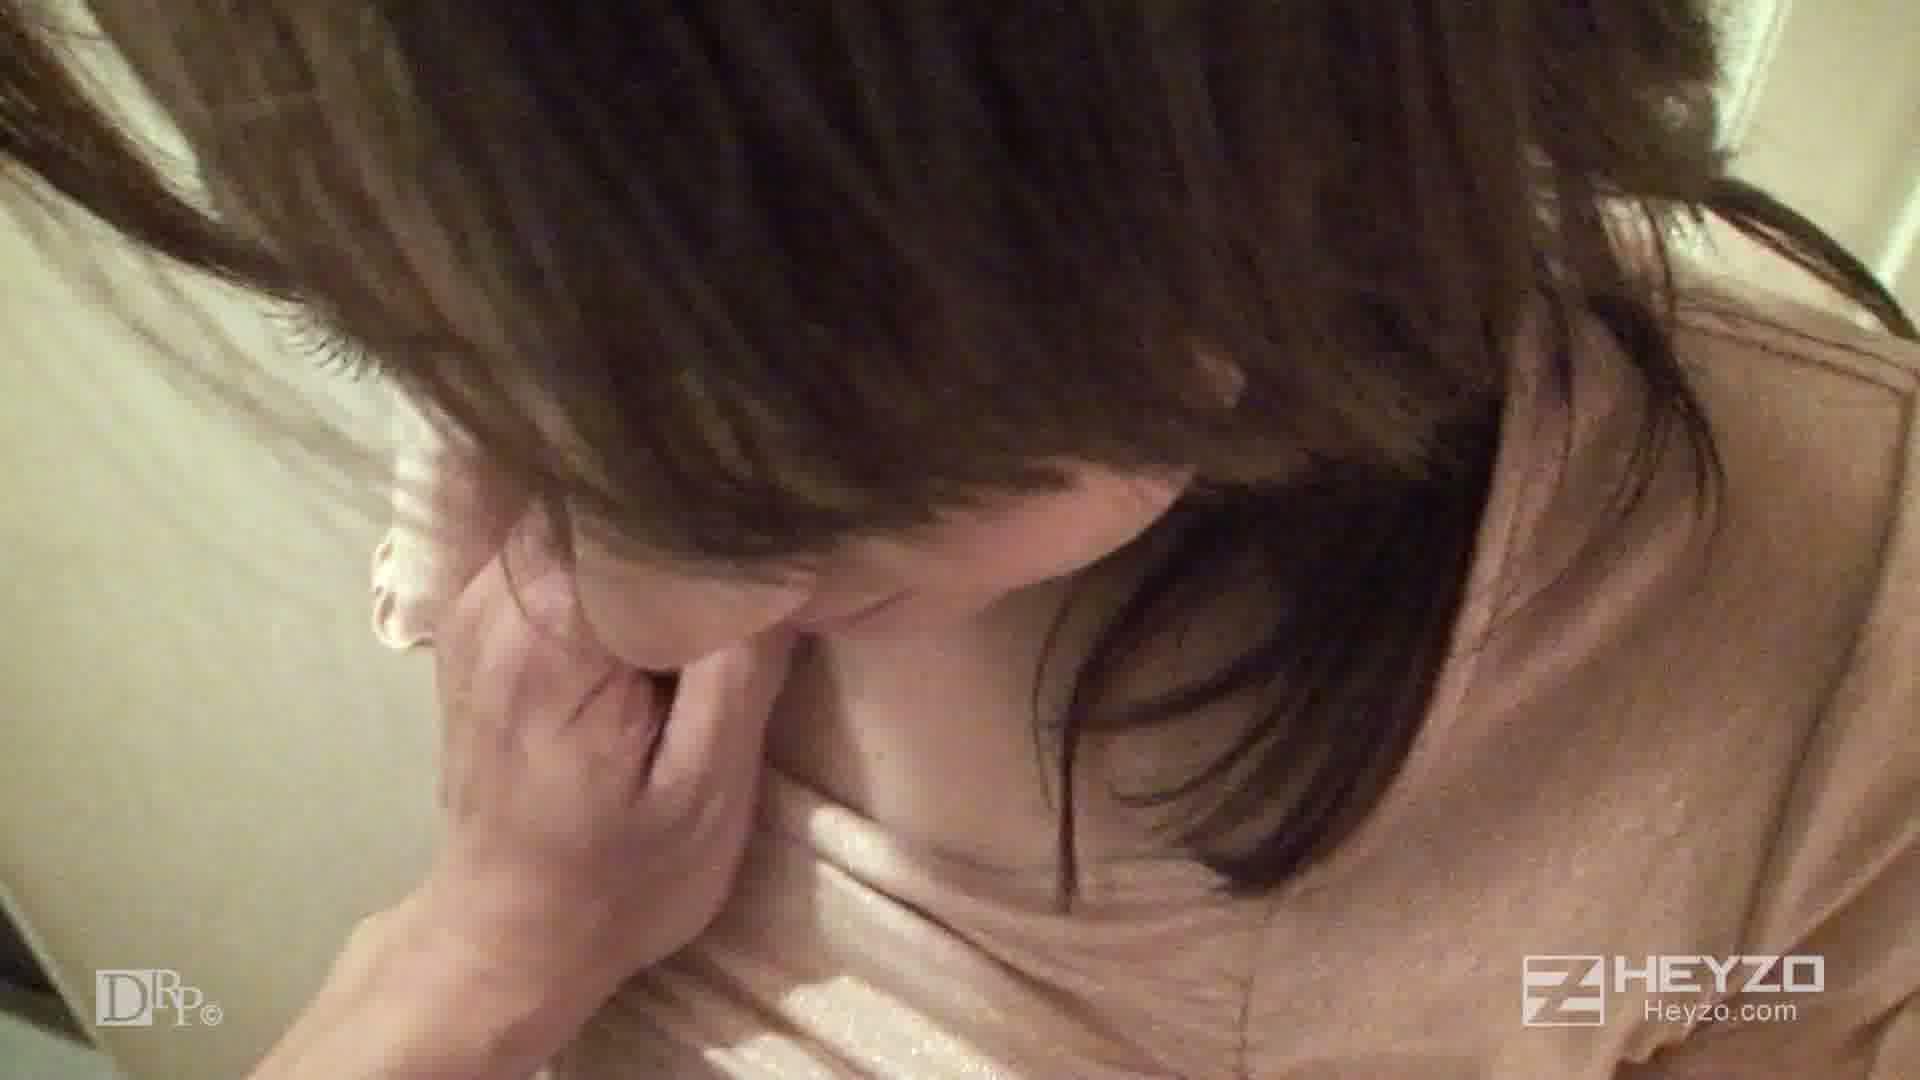 女優・吉井美希としっぽりデート~さらけ出した熟女の素顔~ - 吉井美希【フェラ 露出】